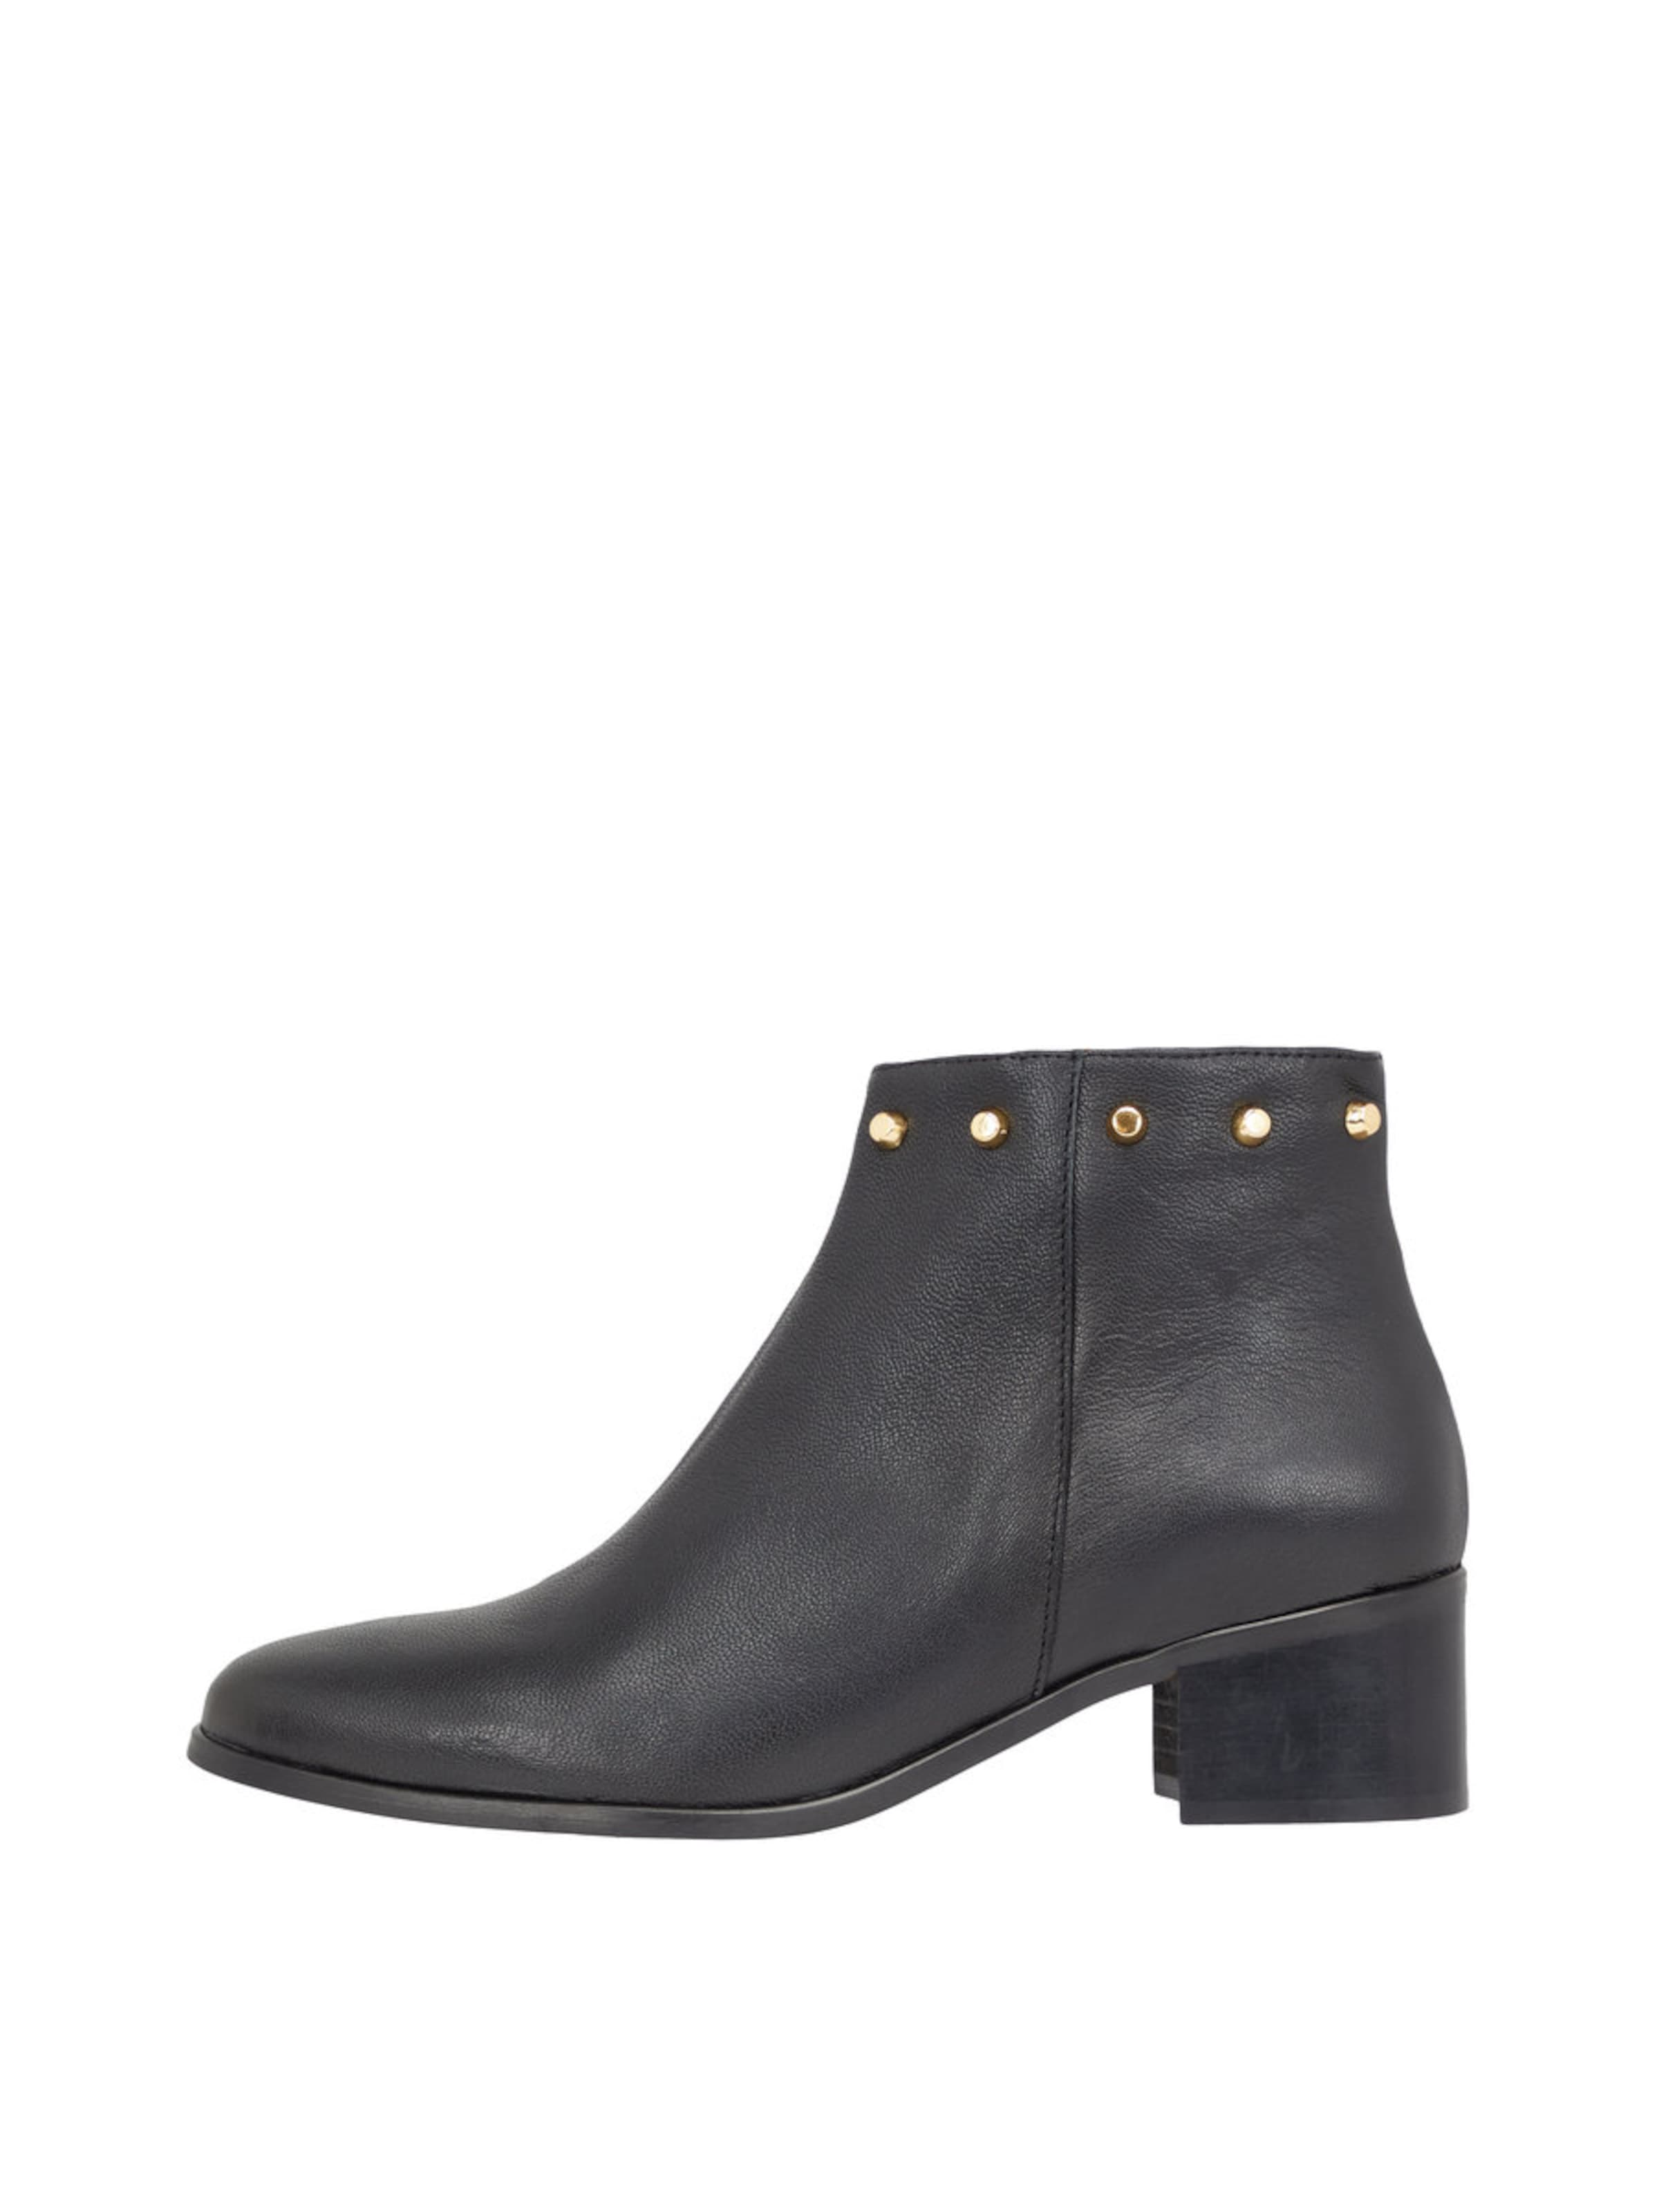 Bianco Stiefel Verschleißfeste billige Schuhe Hohe Qualität